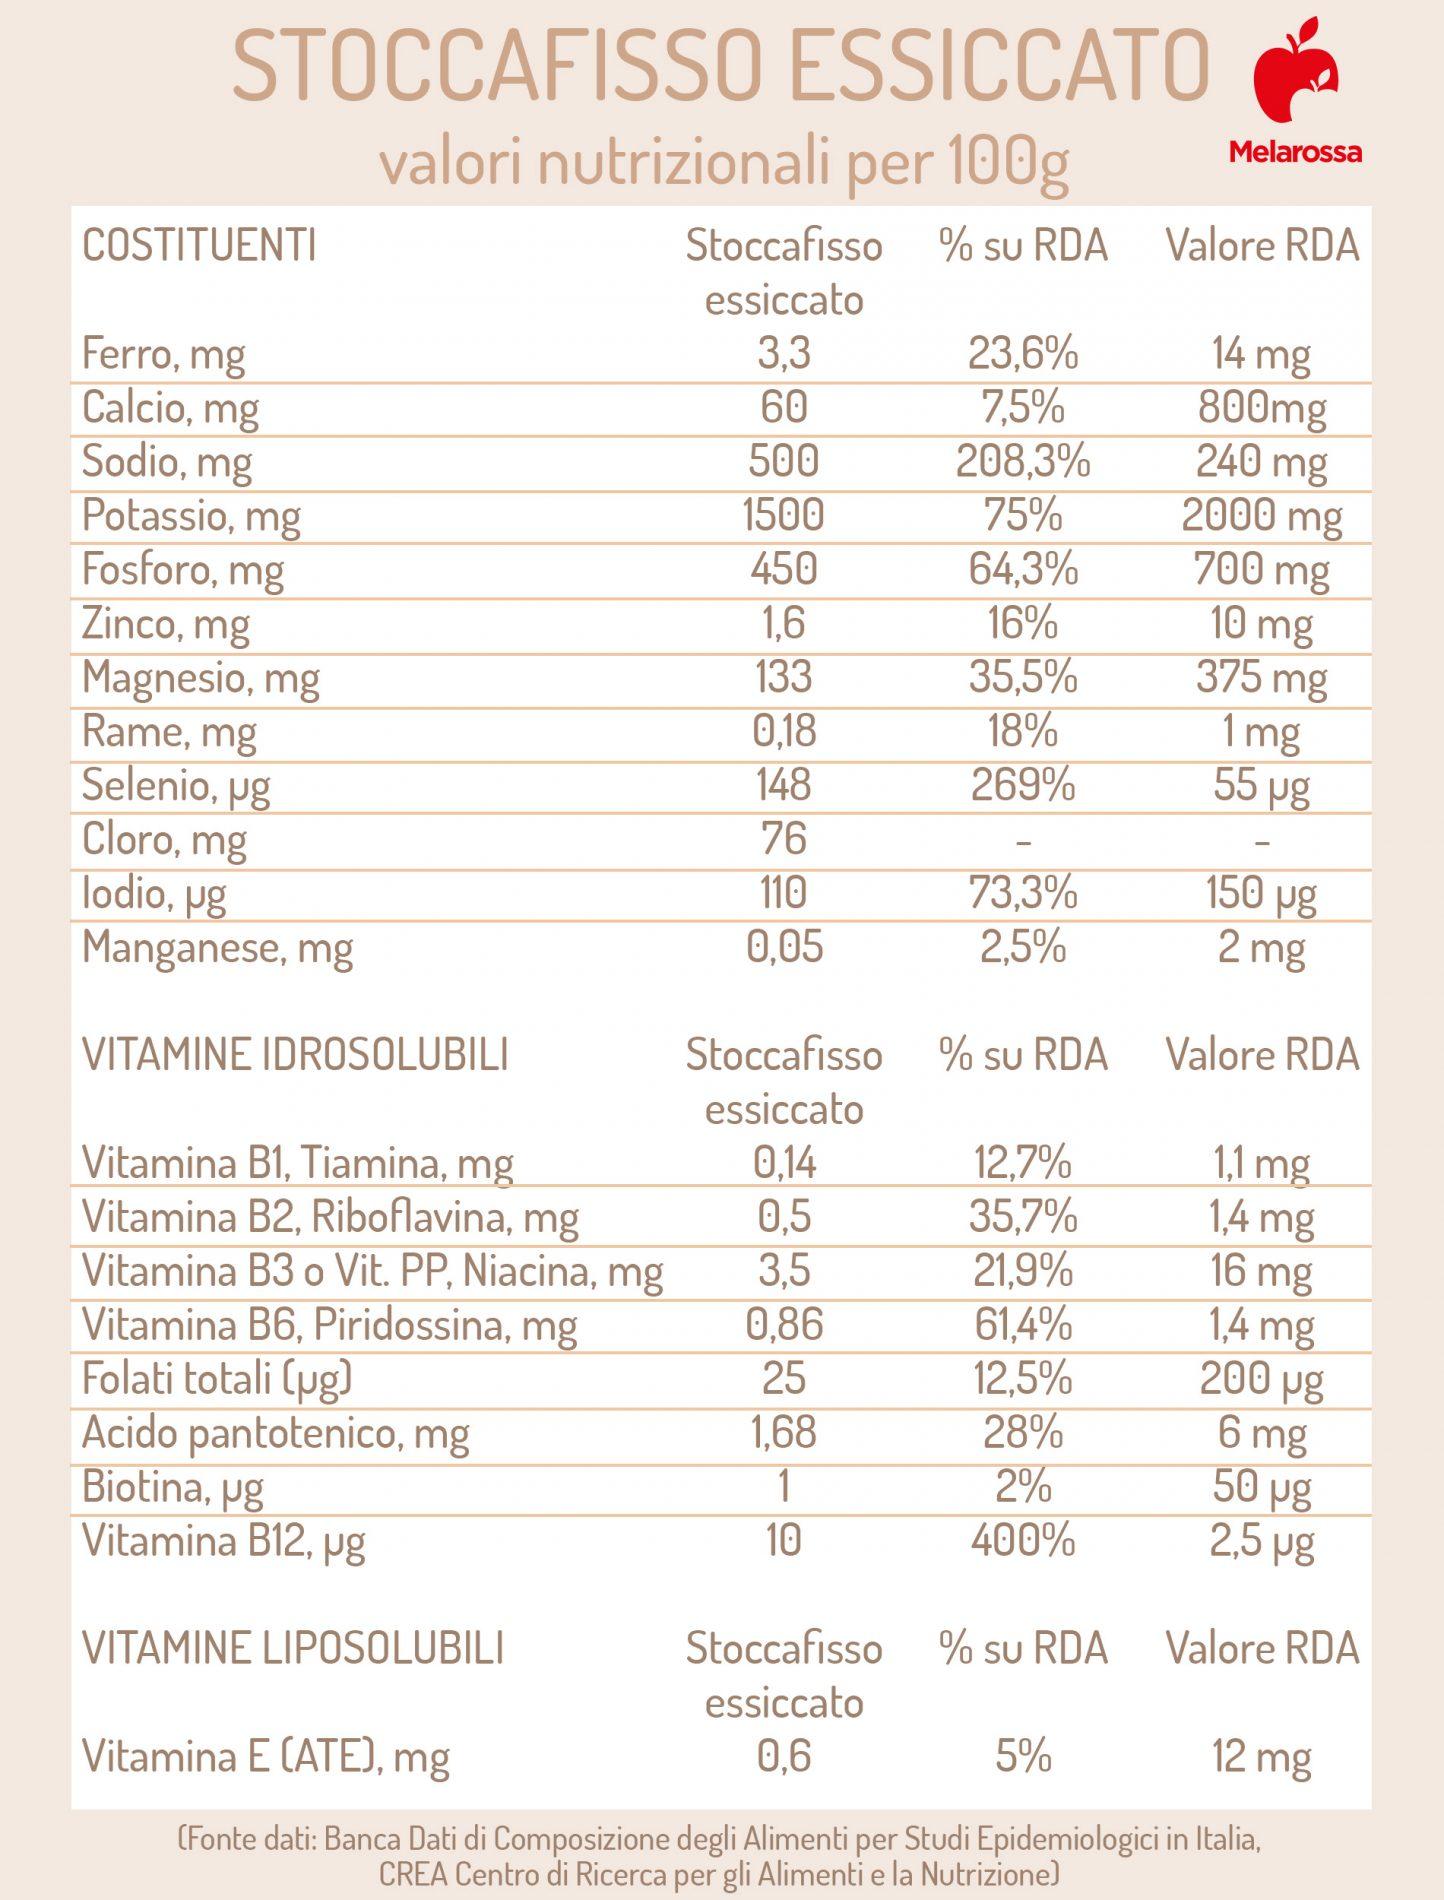 stoccafisso essiccato: valori nutrizionali